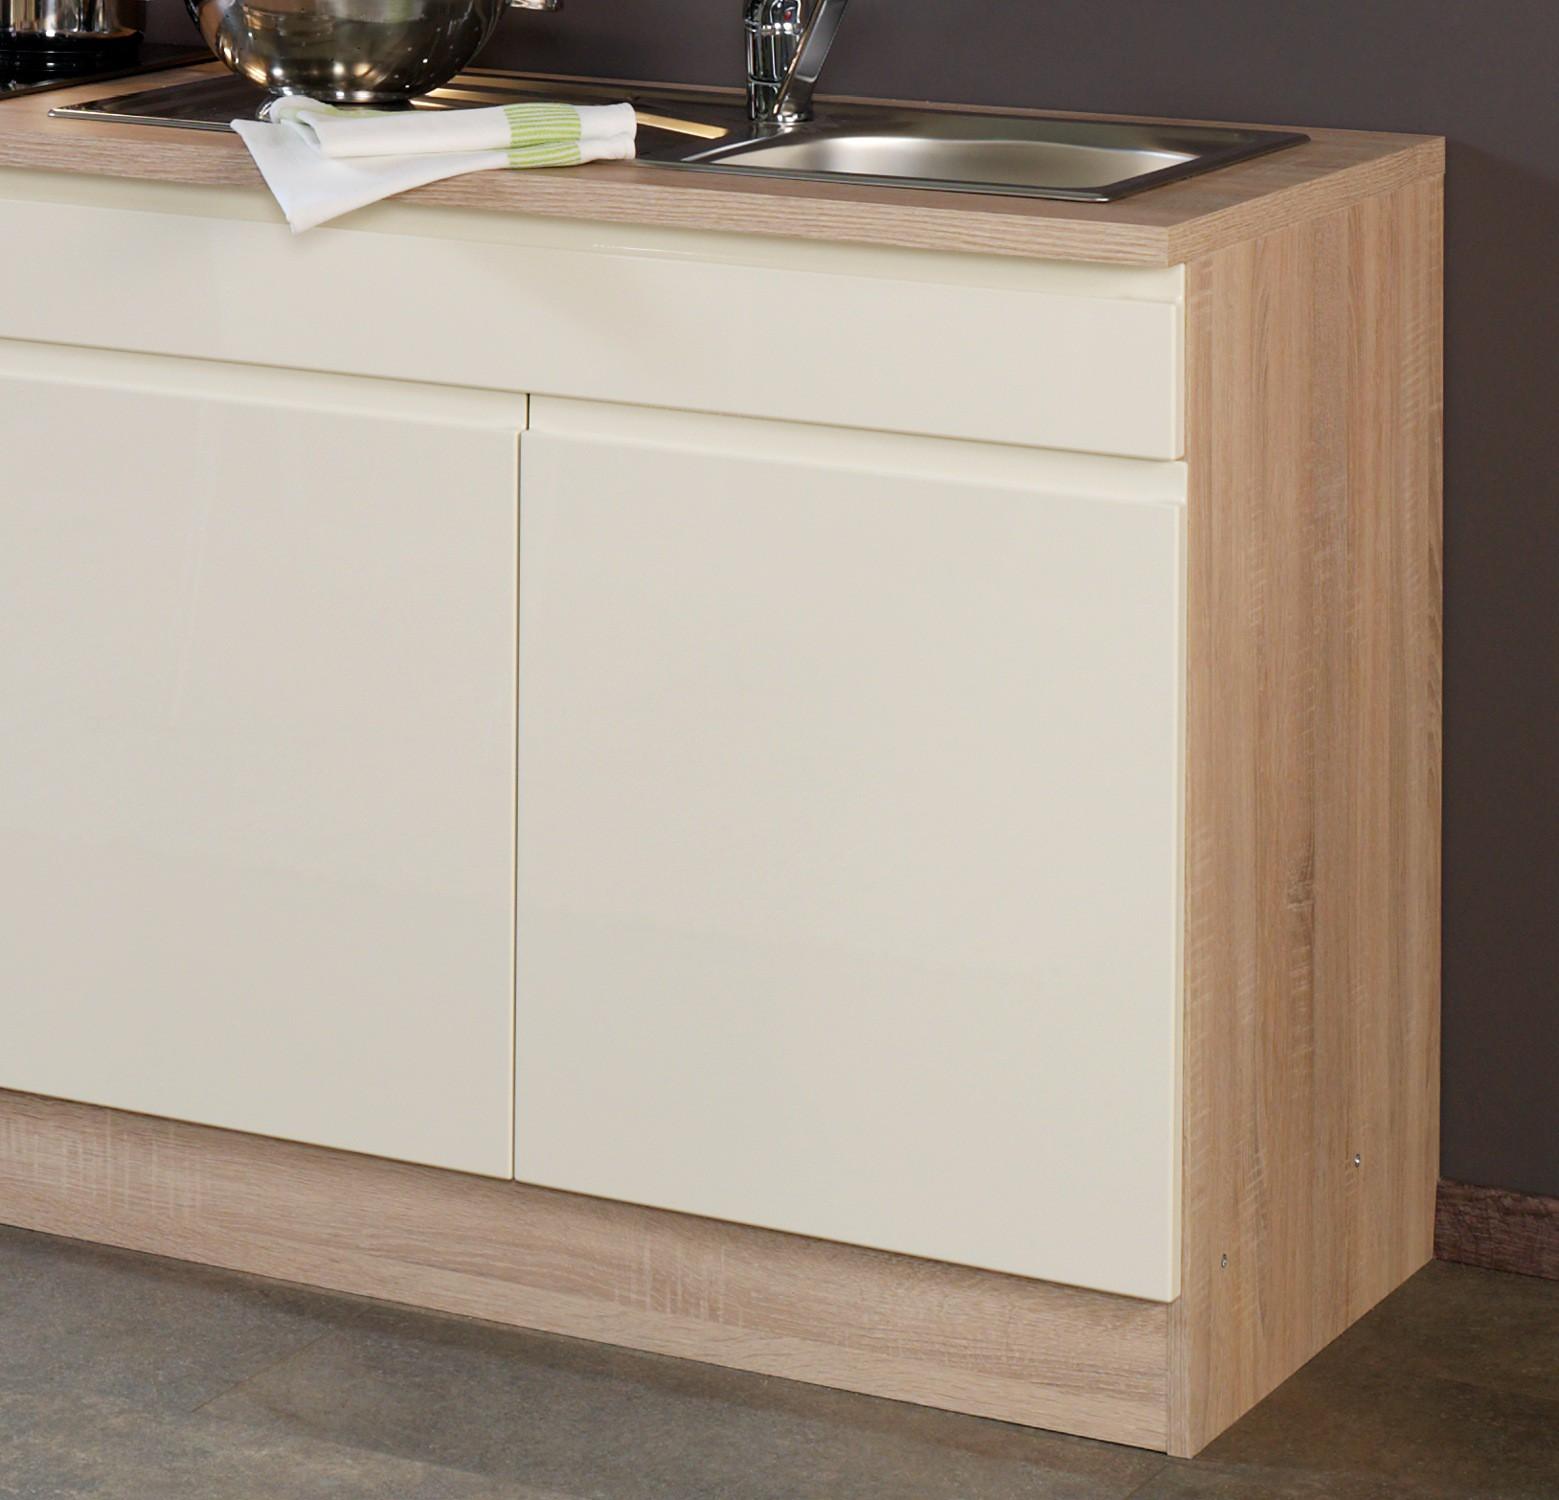 Küchenzeile CARDIFF - Küche mit E-Geräten - Breite 270 cm - Hochglanz Creme Küche Küchenzeilen